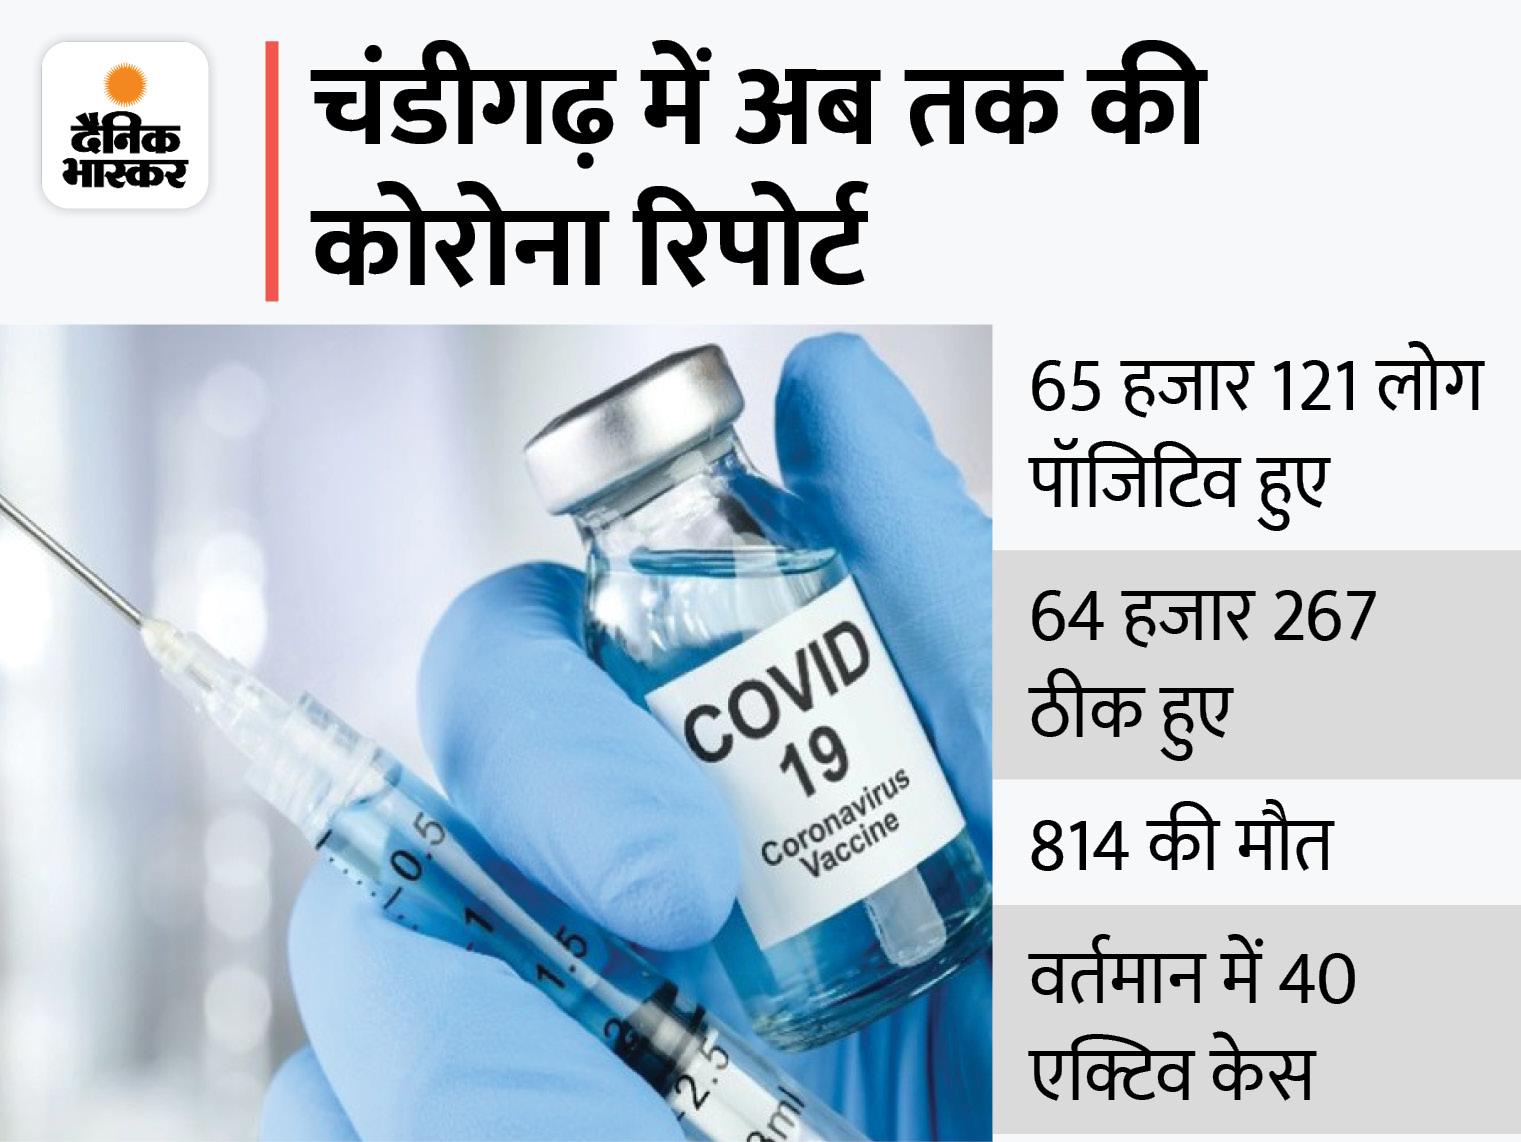 पिछले 24 घंटे में 2 पॉजिटिवमिले, सरकारी कार्यालयों में कोरोना टेस्ट बाद ही मिल रही एंट्री चंडीगढ़,Chandigarh - Dainik Bhaskar